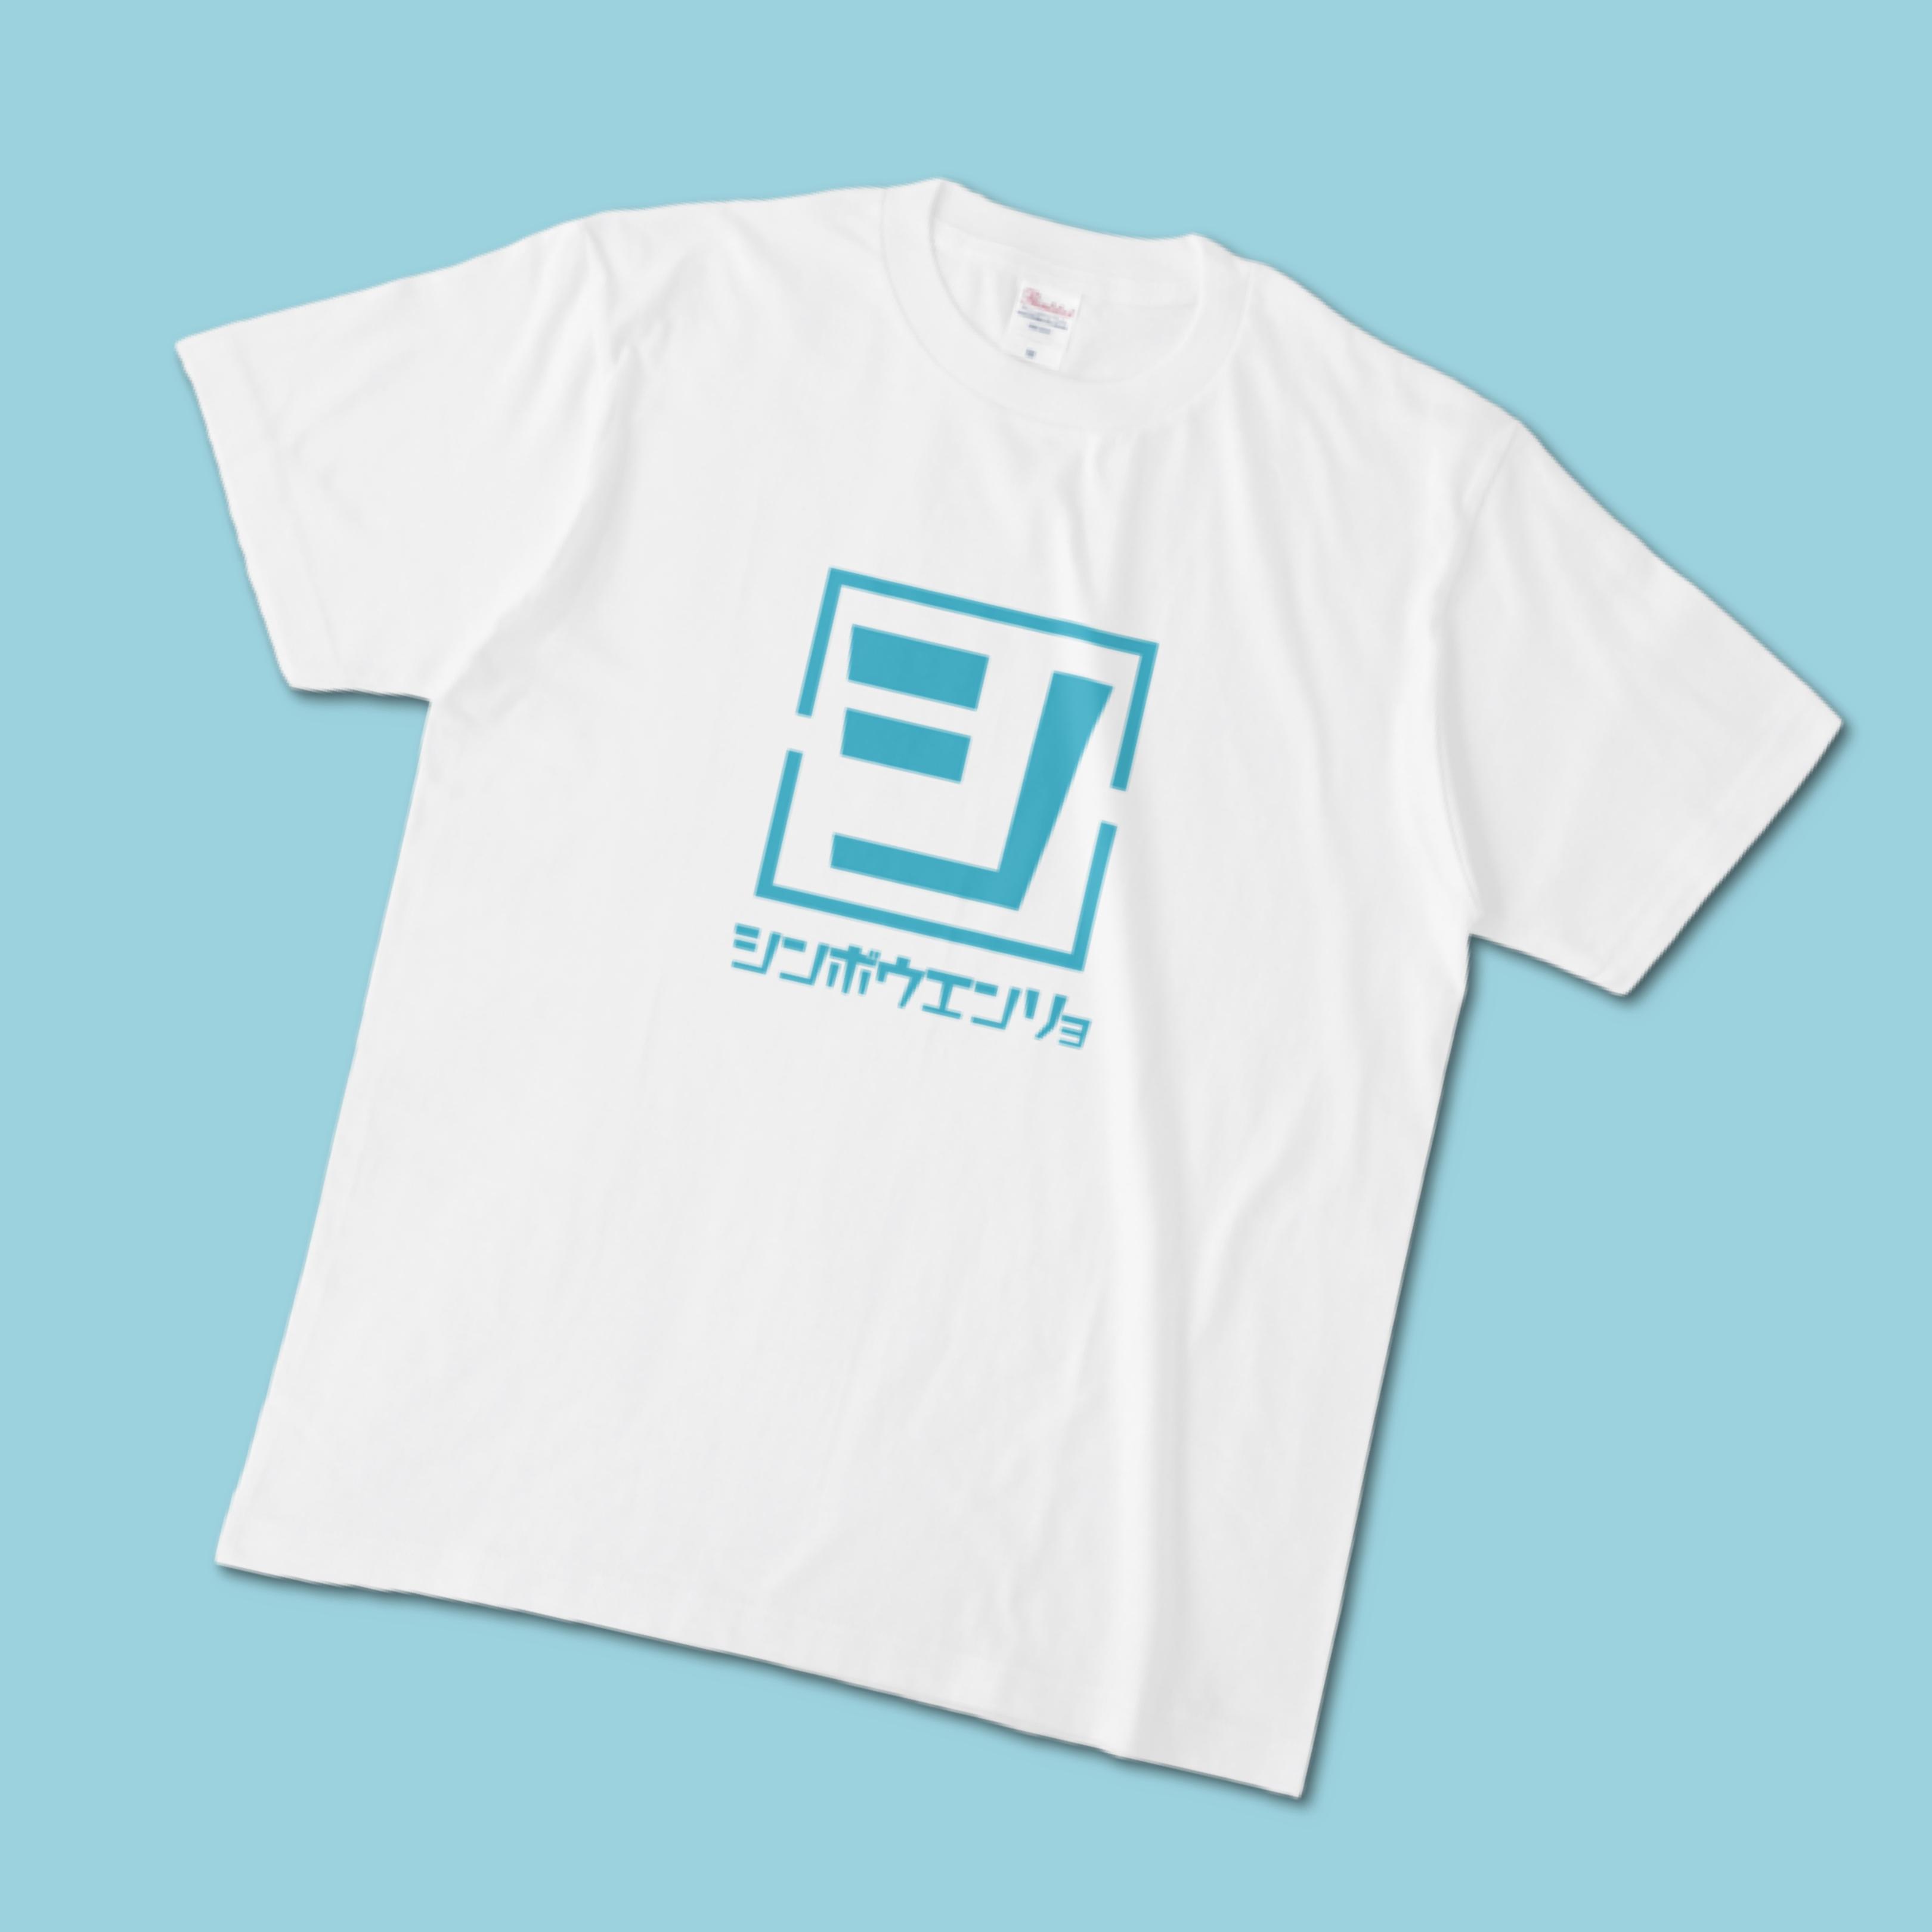 青天白日のカタカナTシャツ!